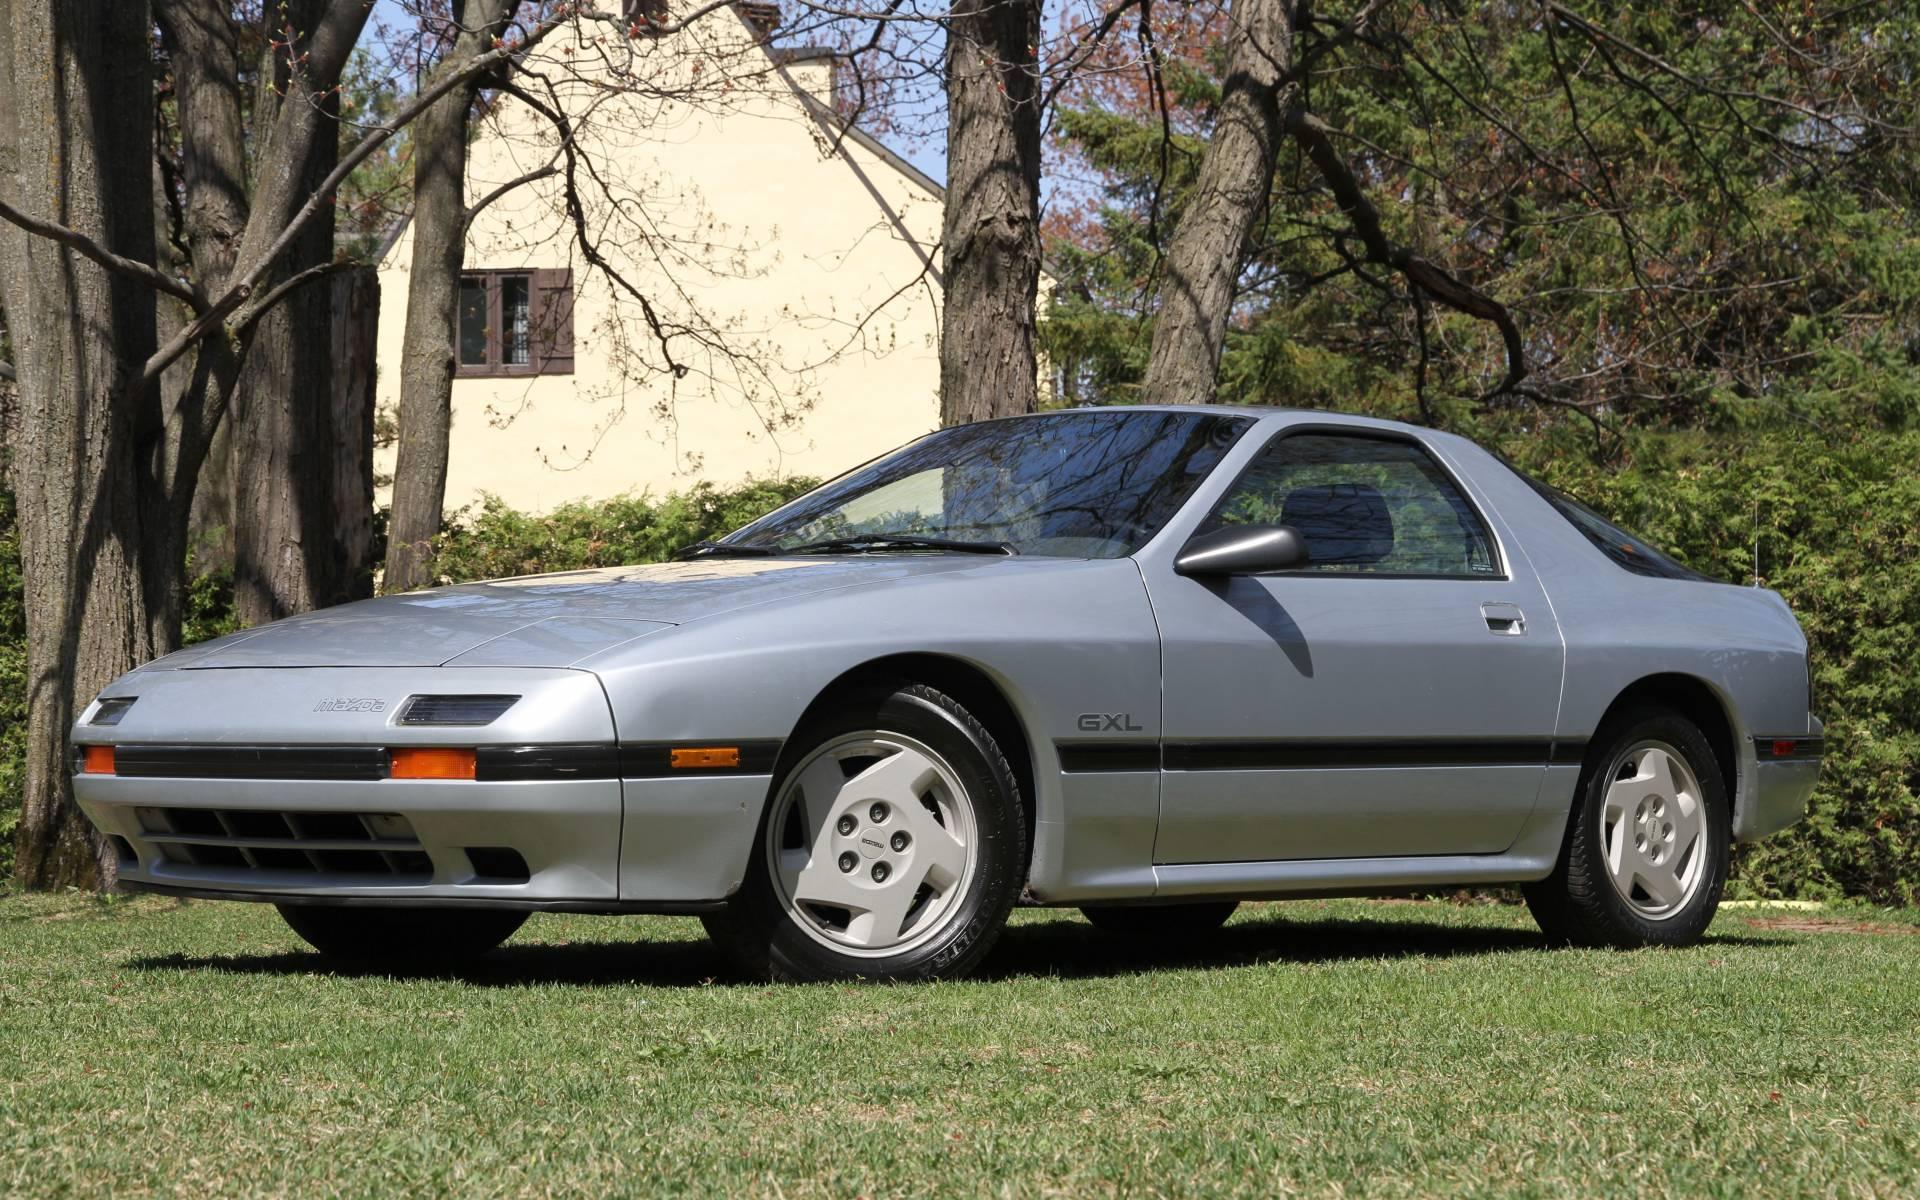 <p>Mazda RX-7 GXL 1986</p>